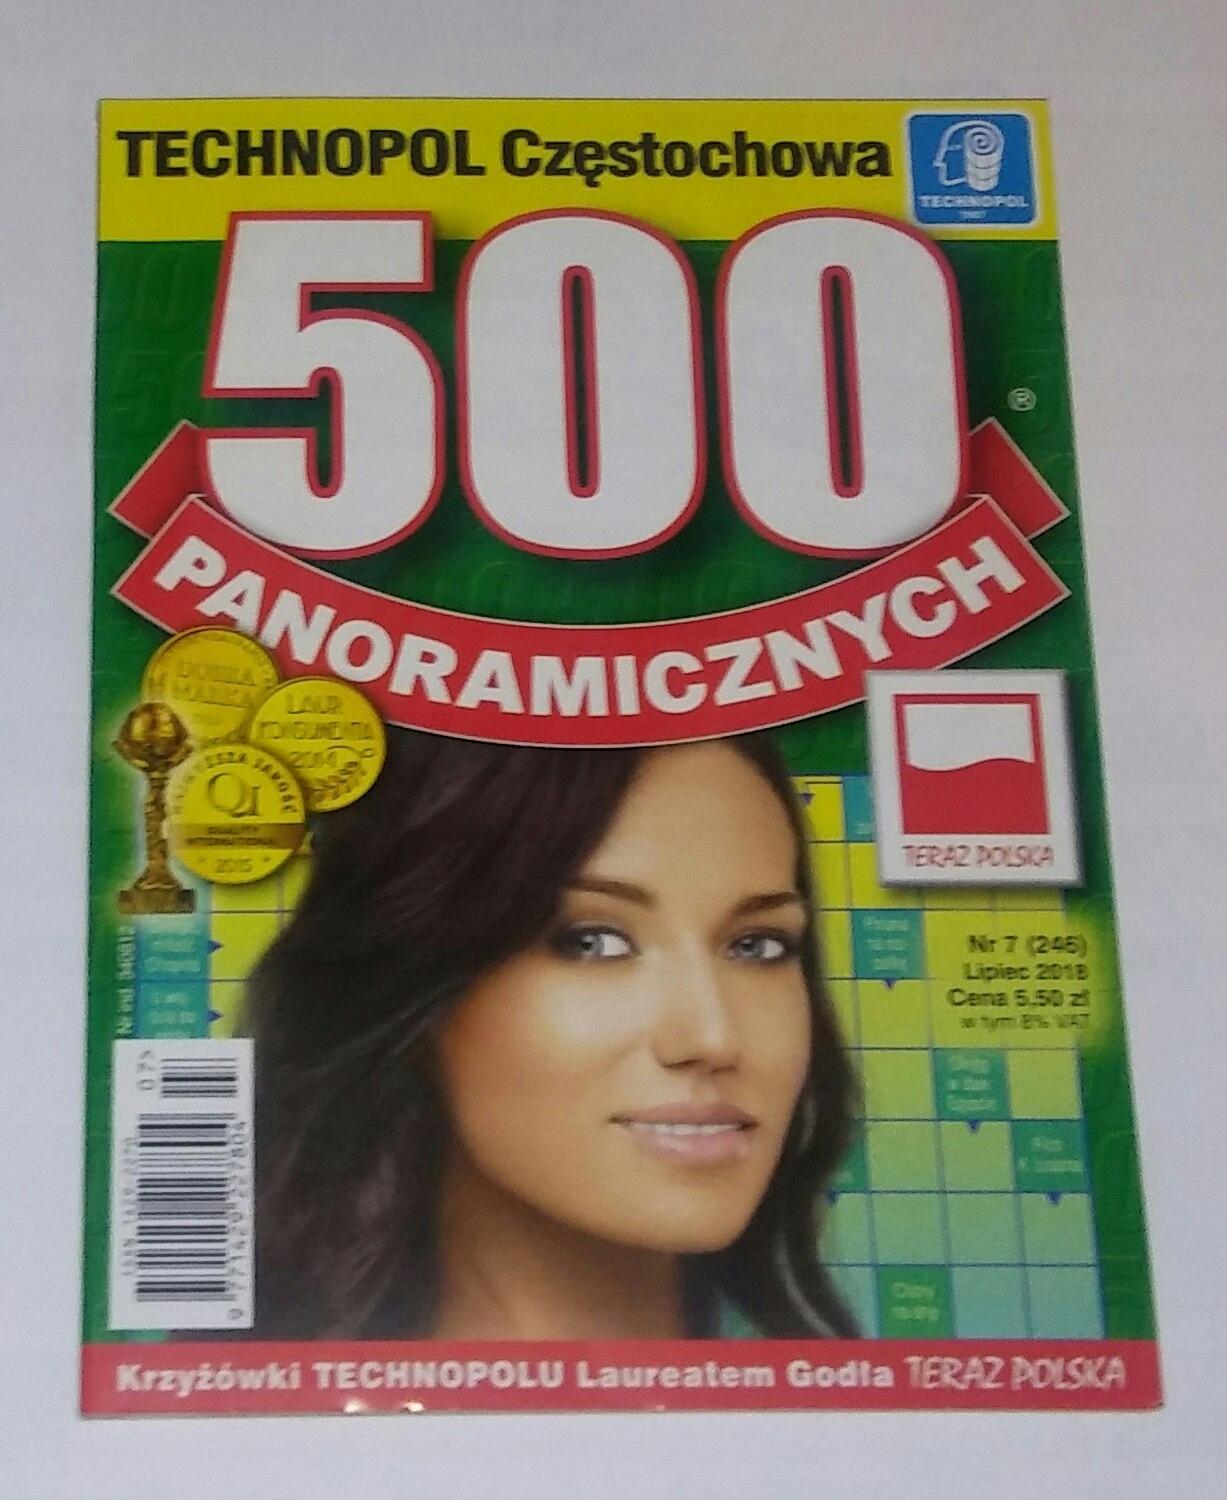 500 Krzyżówek Panoramicznych Technopol 72018 7589093074